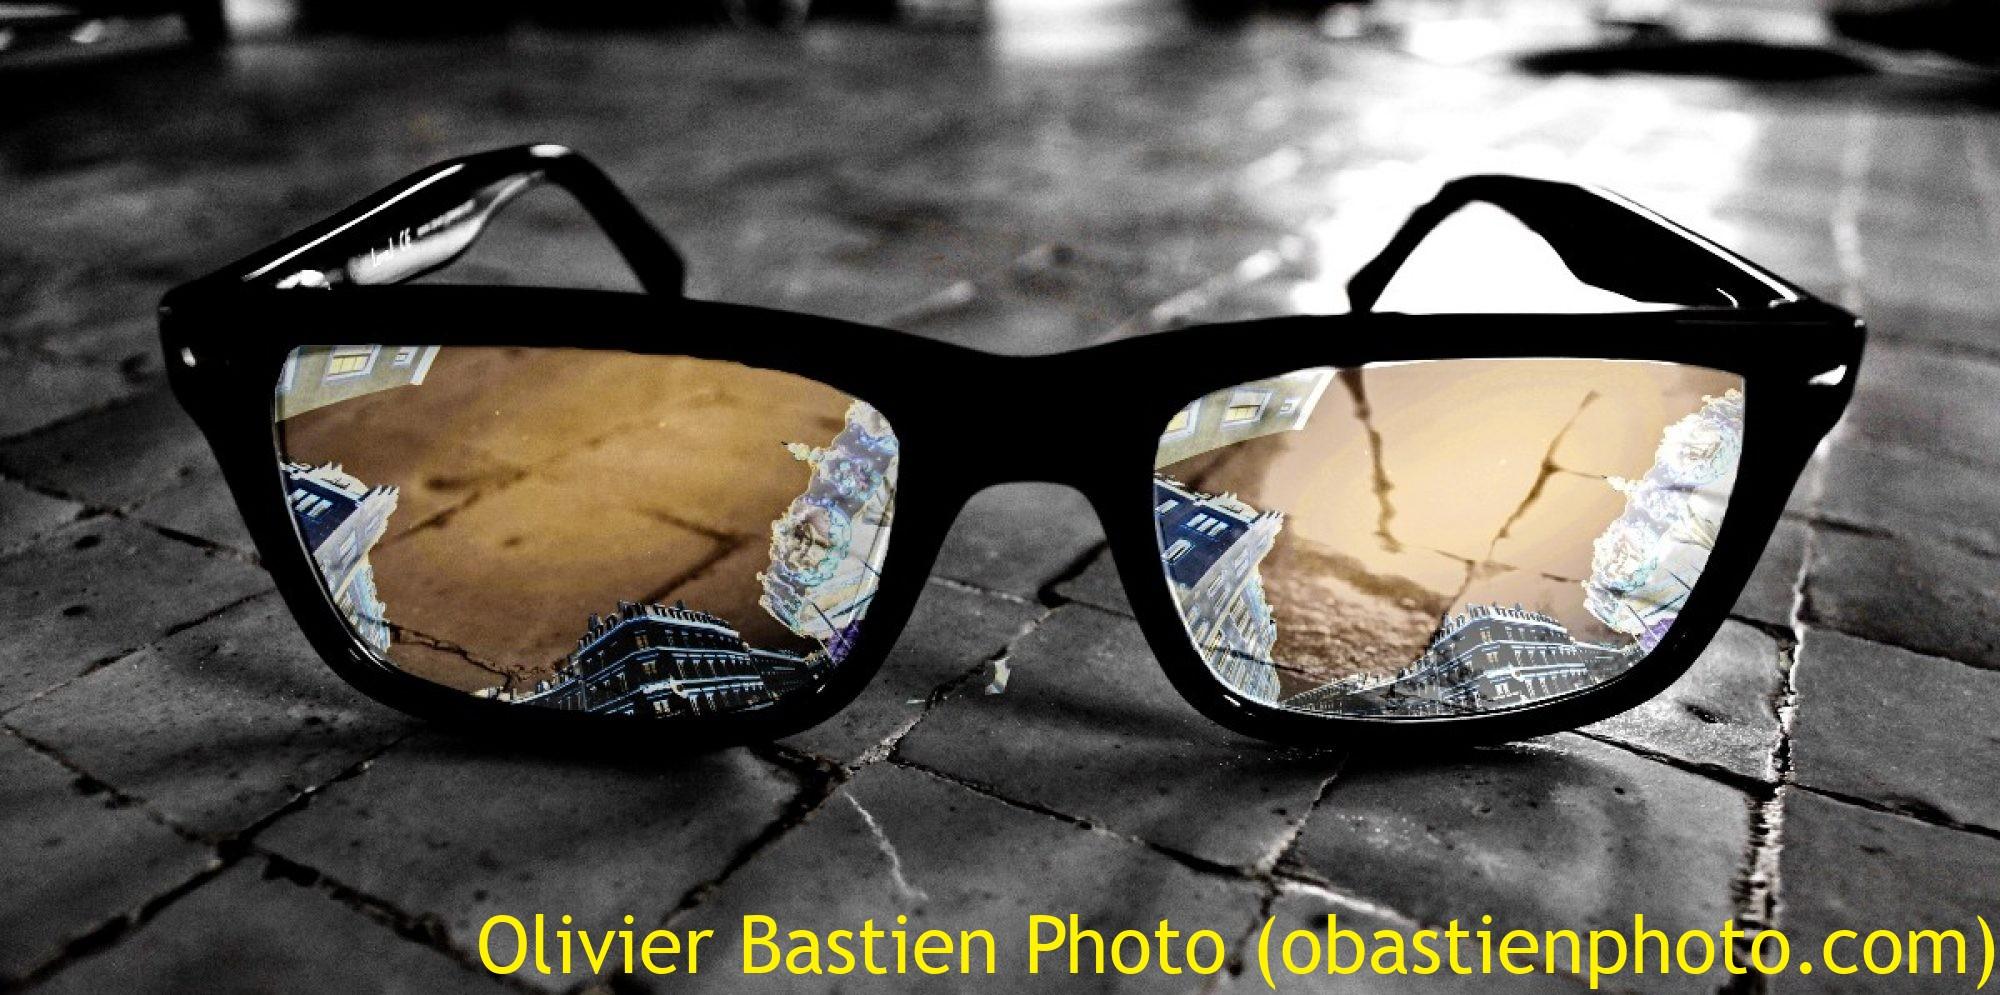 Olivier Bastien photographe (Photos et Conception)